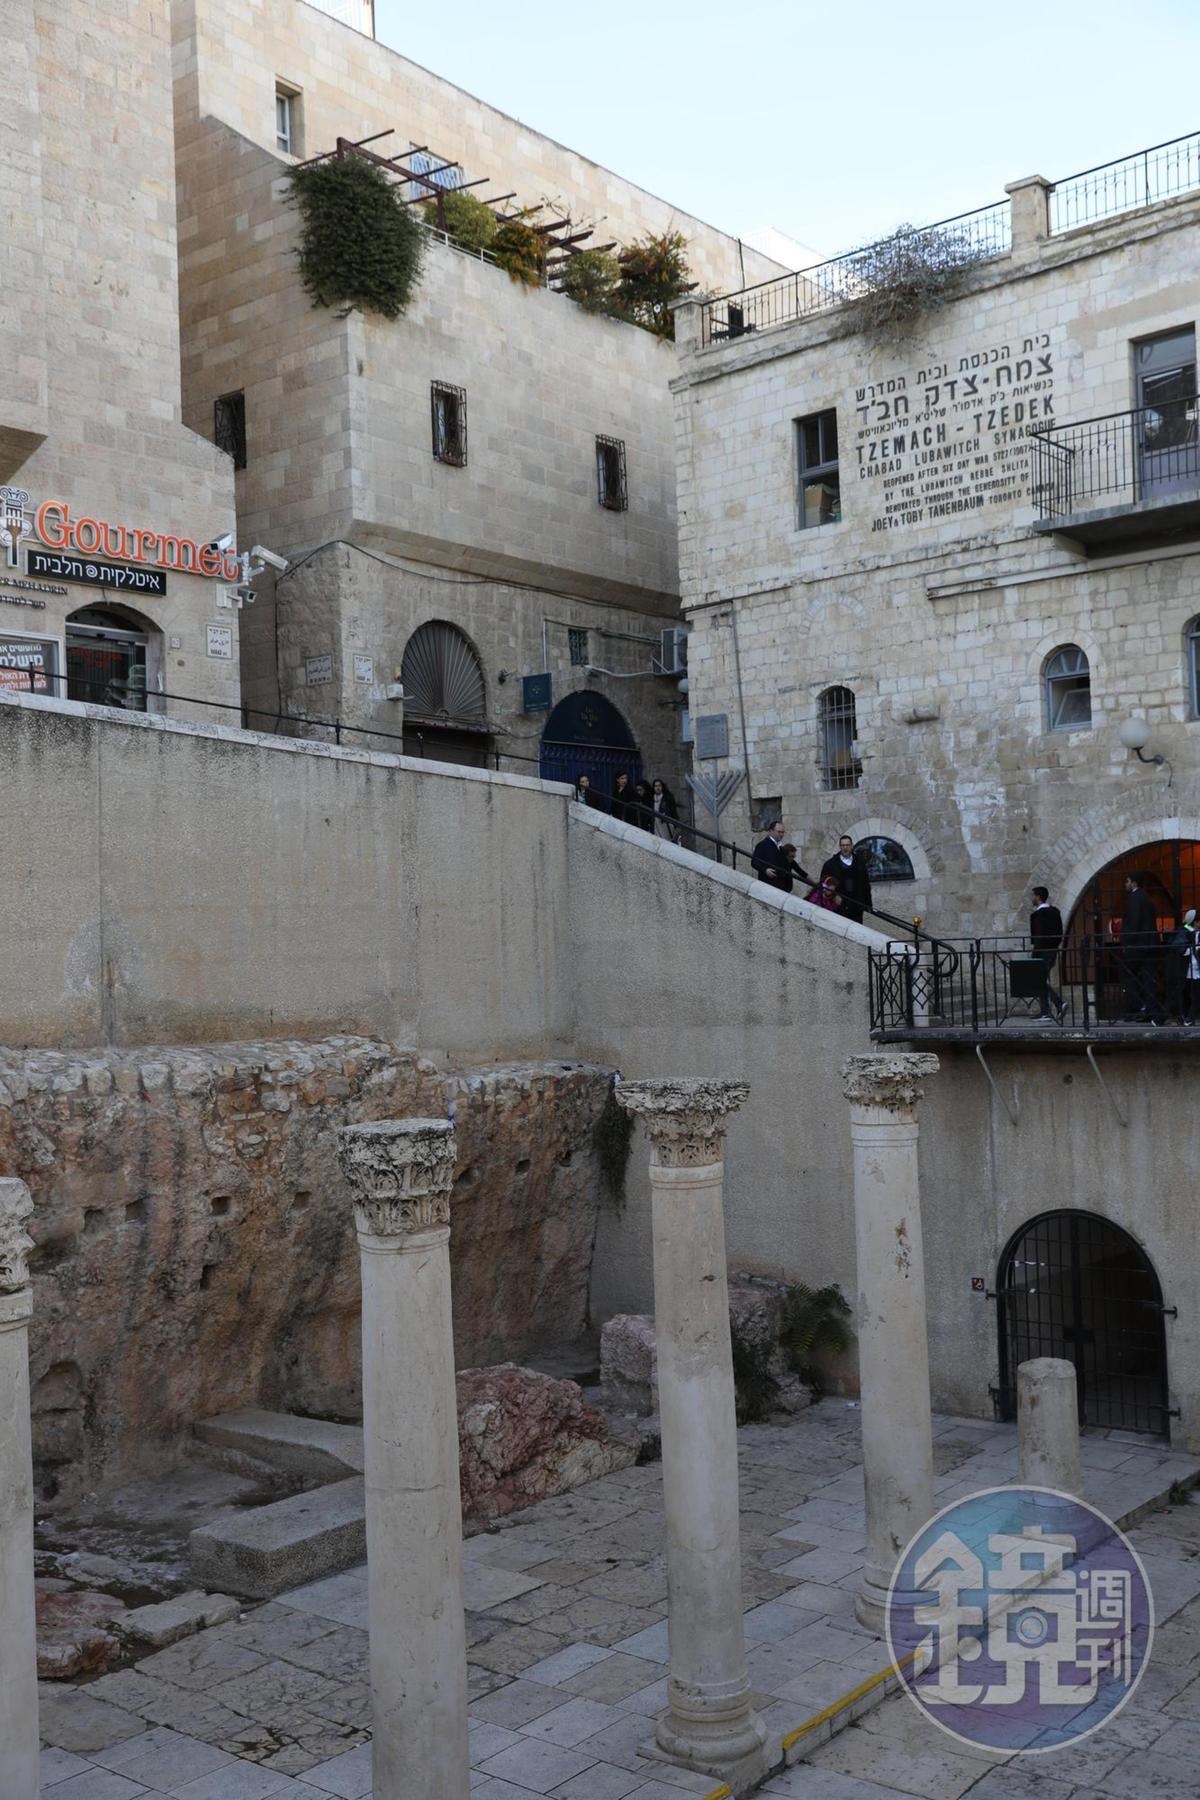 猶太人區裡保留著數世紀前的商店遺跡。